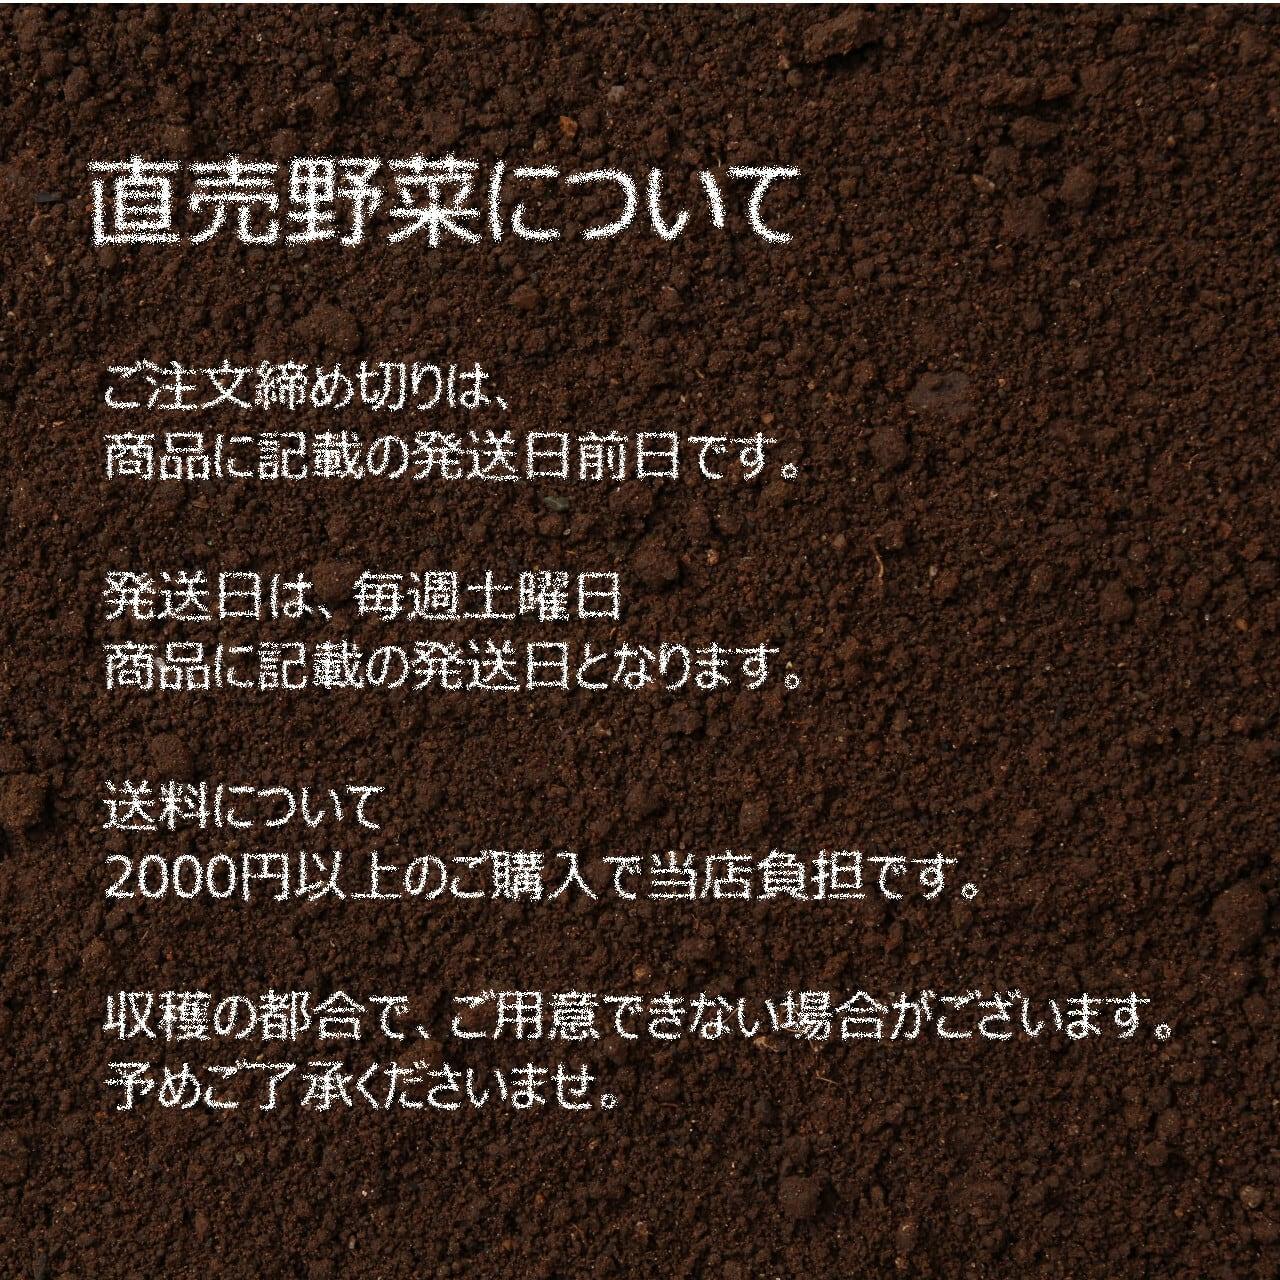 6月の新鮮野菜 : ニラ 約150g  朝採り直売野菜 6月26日発送予定